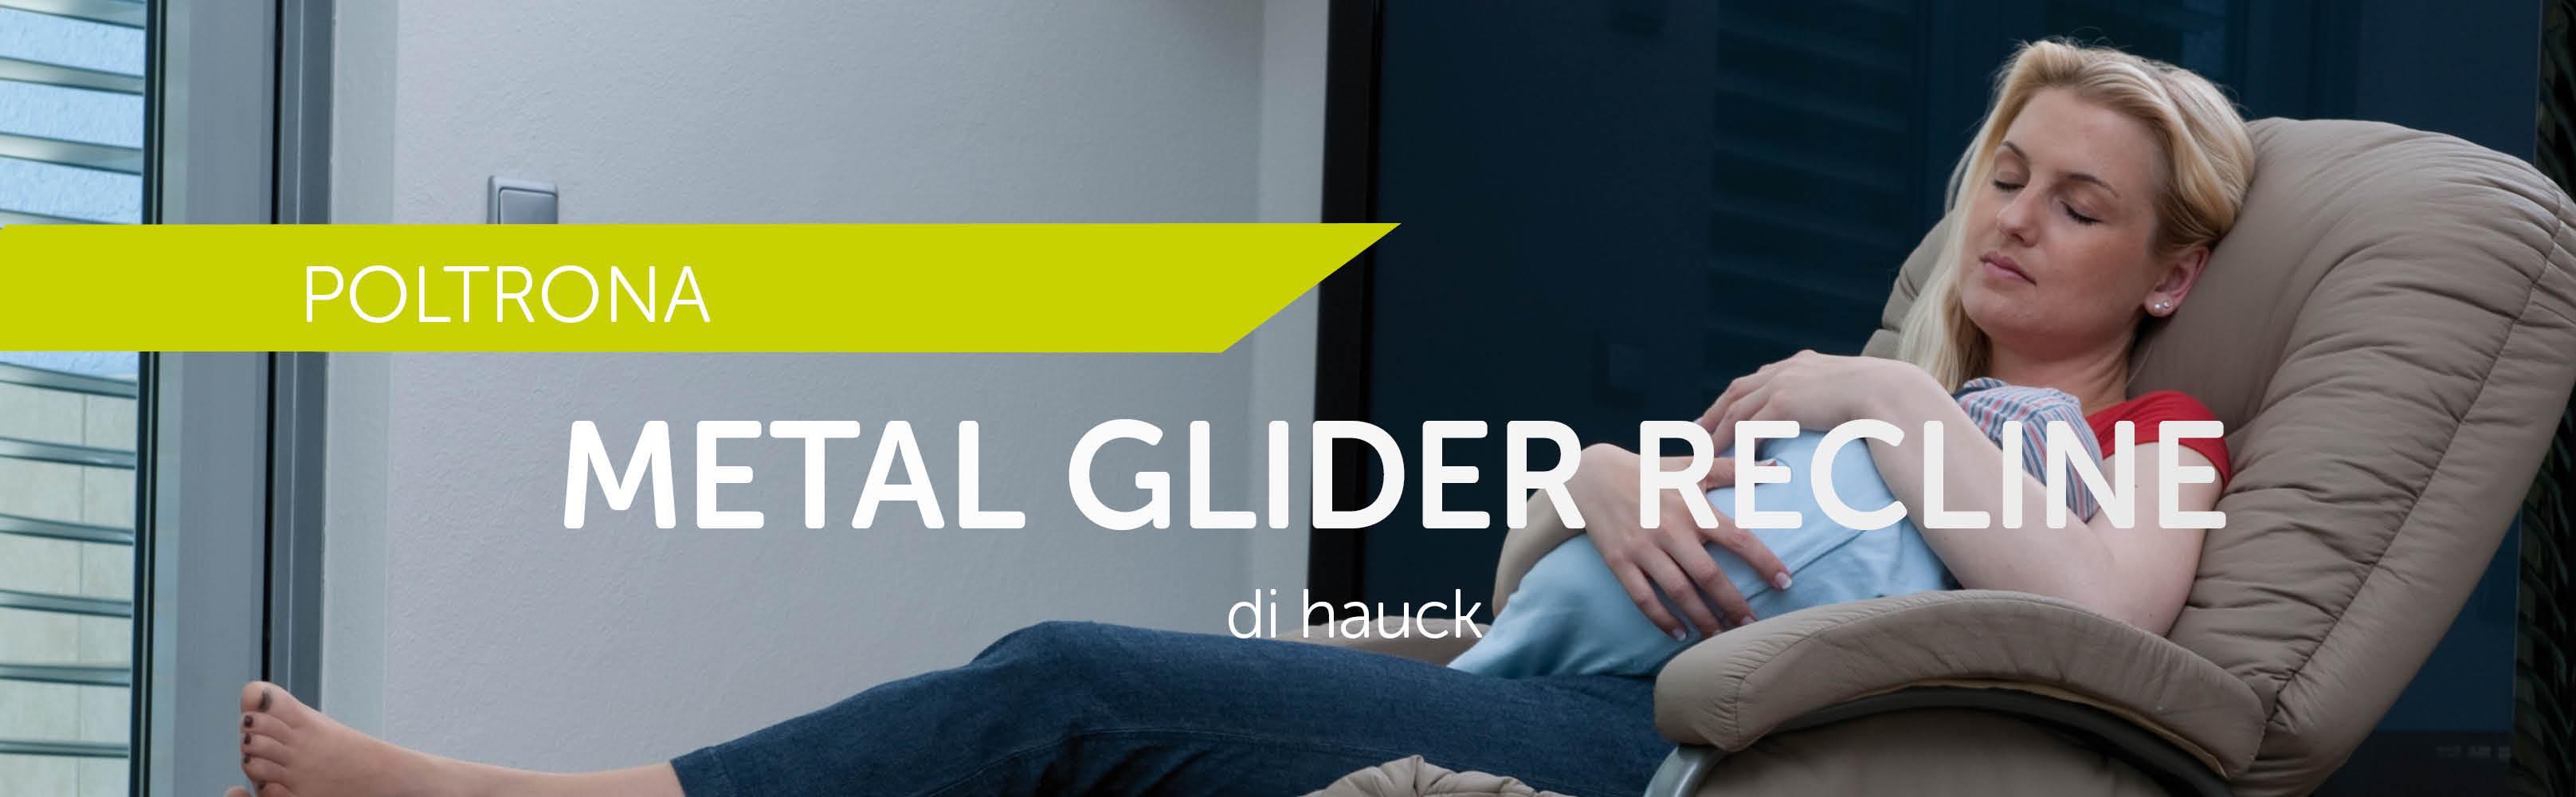 Hauck Metal Glider Poltrona Allattamento e Rilassamento fino a 120 kg Sgabello Incluso Crema Tasche Laterali con Bracciuoli Funzione Dondolamento Girevole e Regolabile